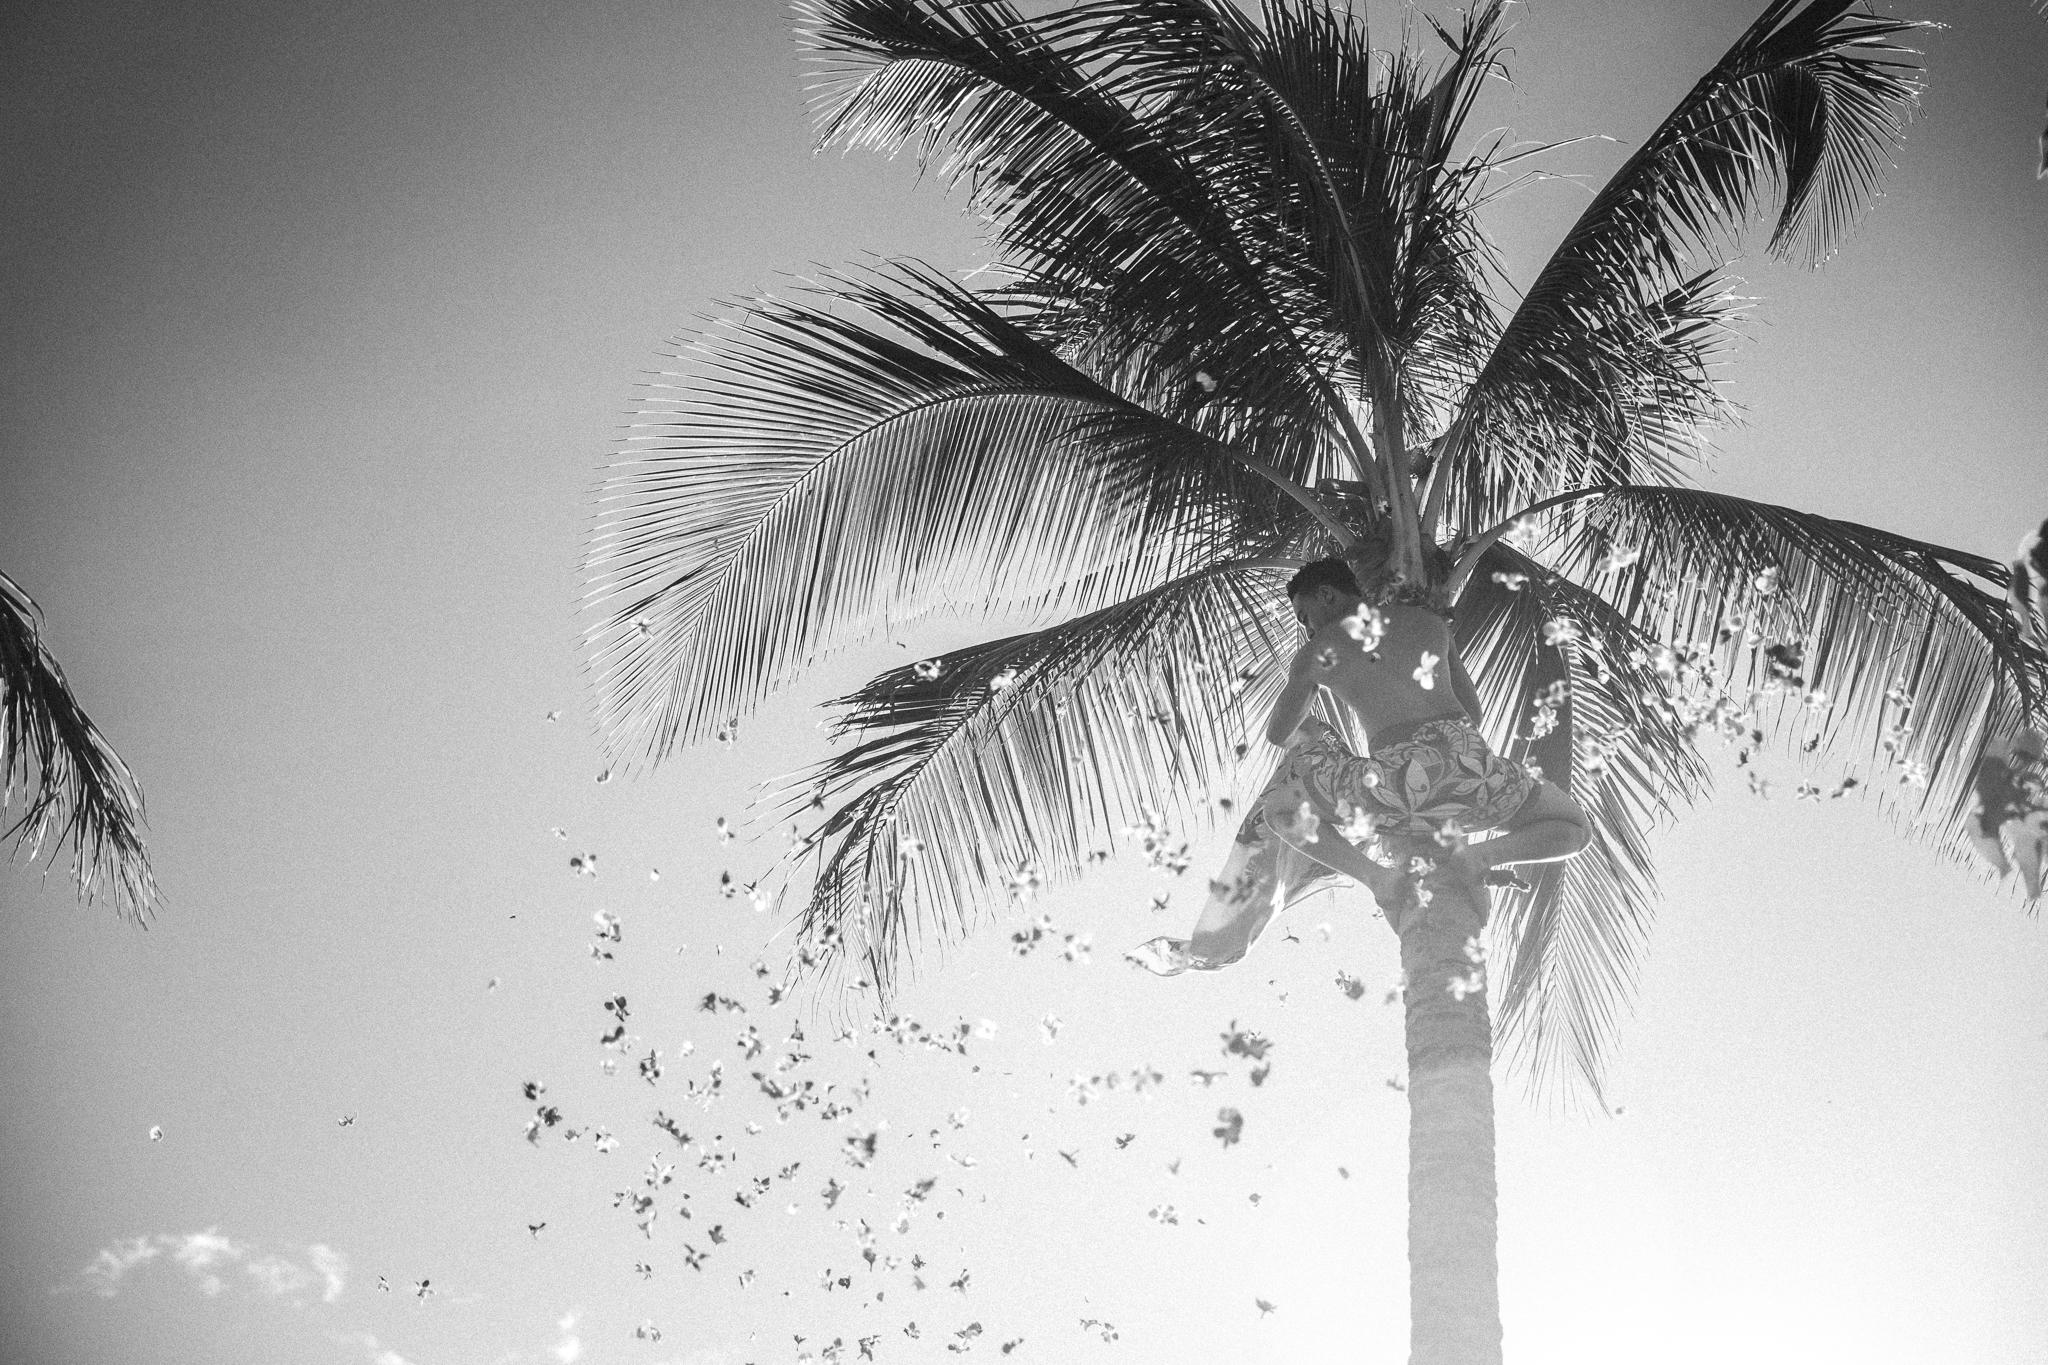 palm tree at luau shower of flowers oahu hawaii photography